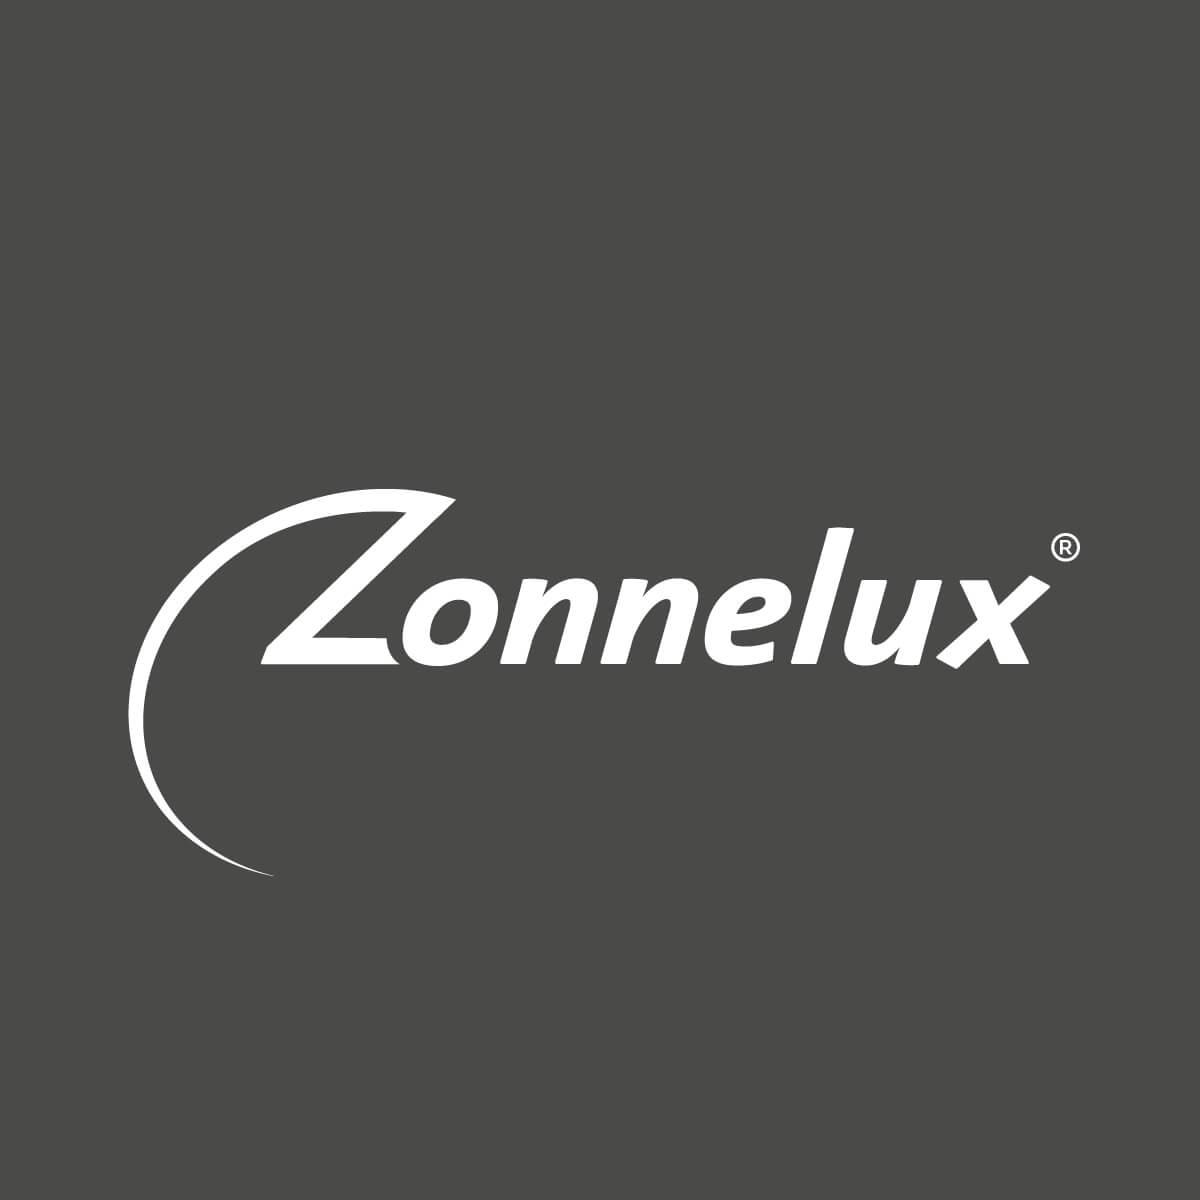 Zonnelux